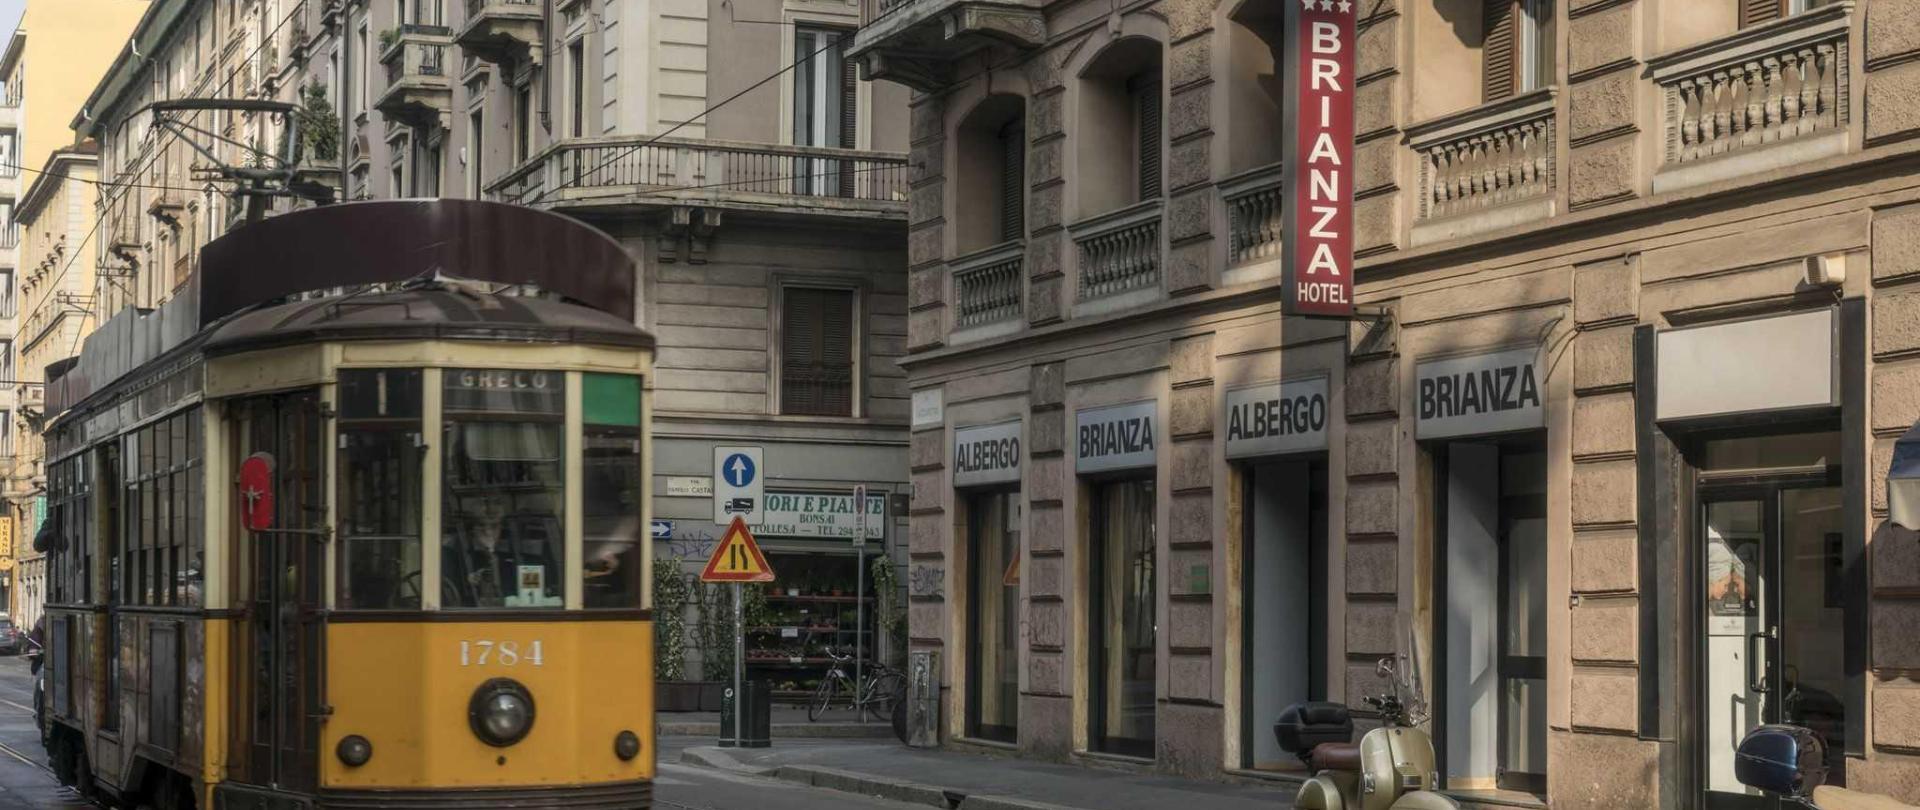 street-02-1.jpg